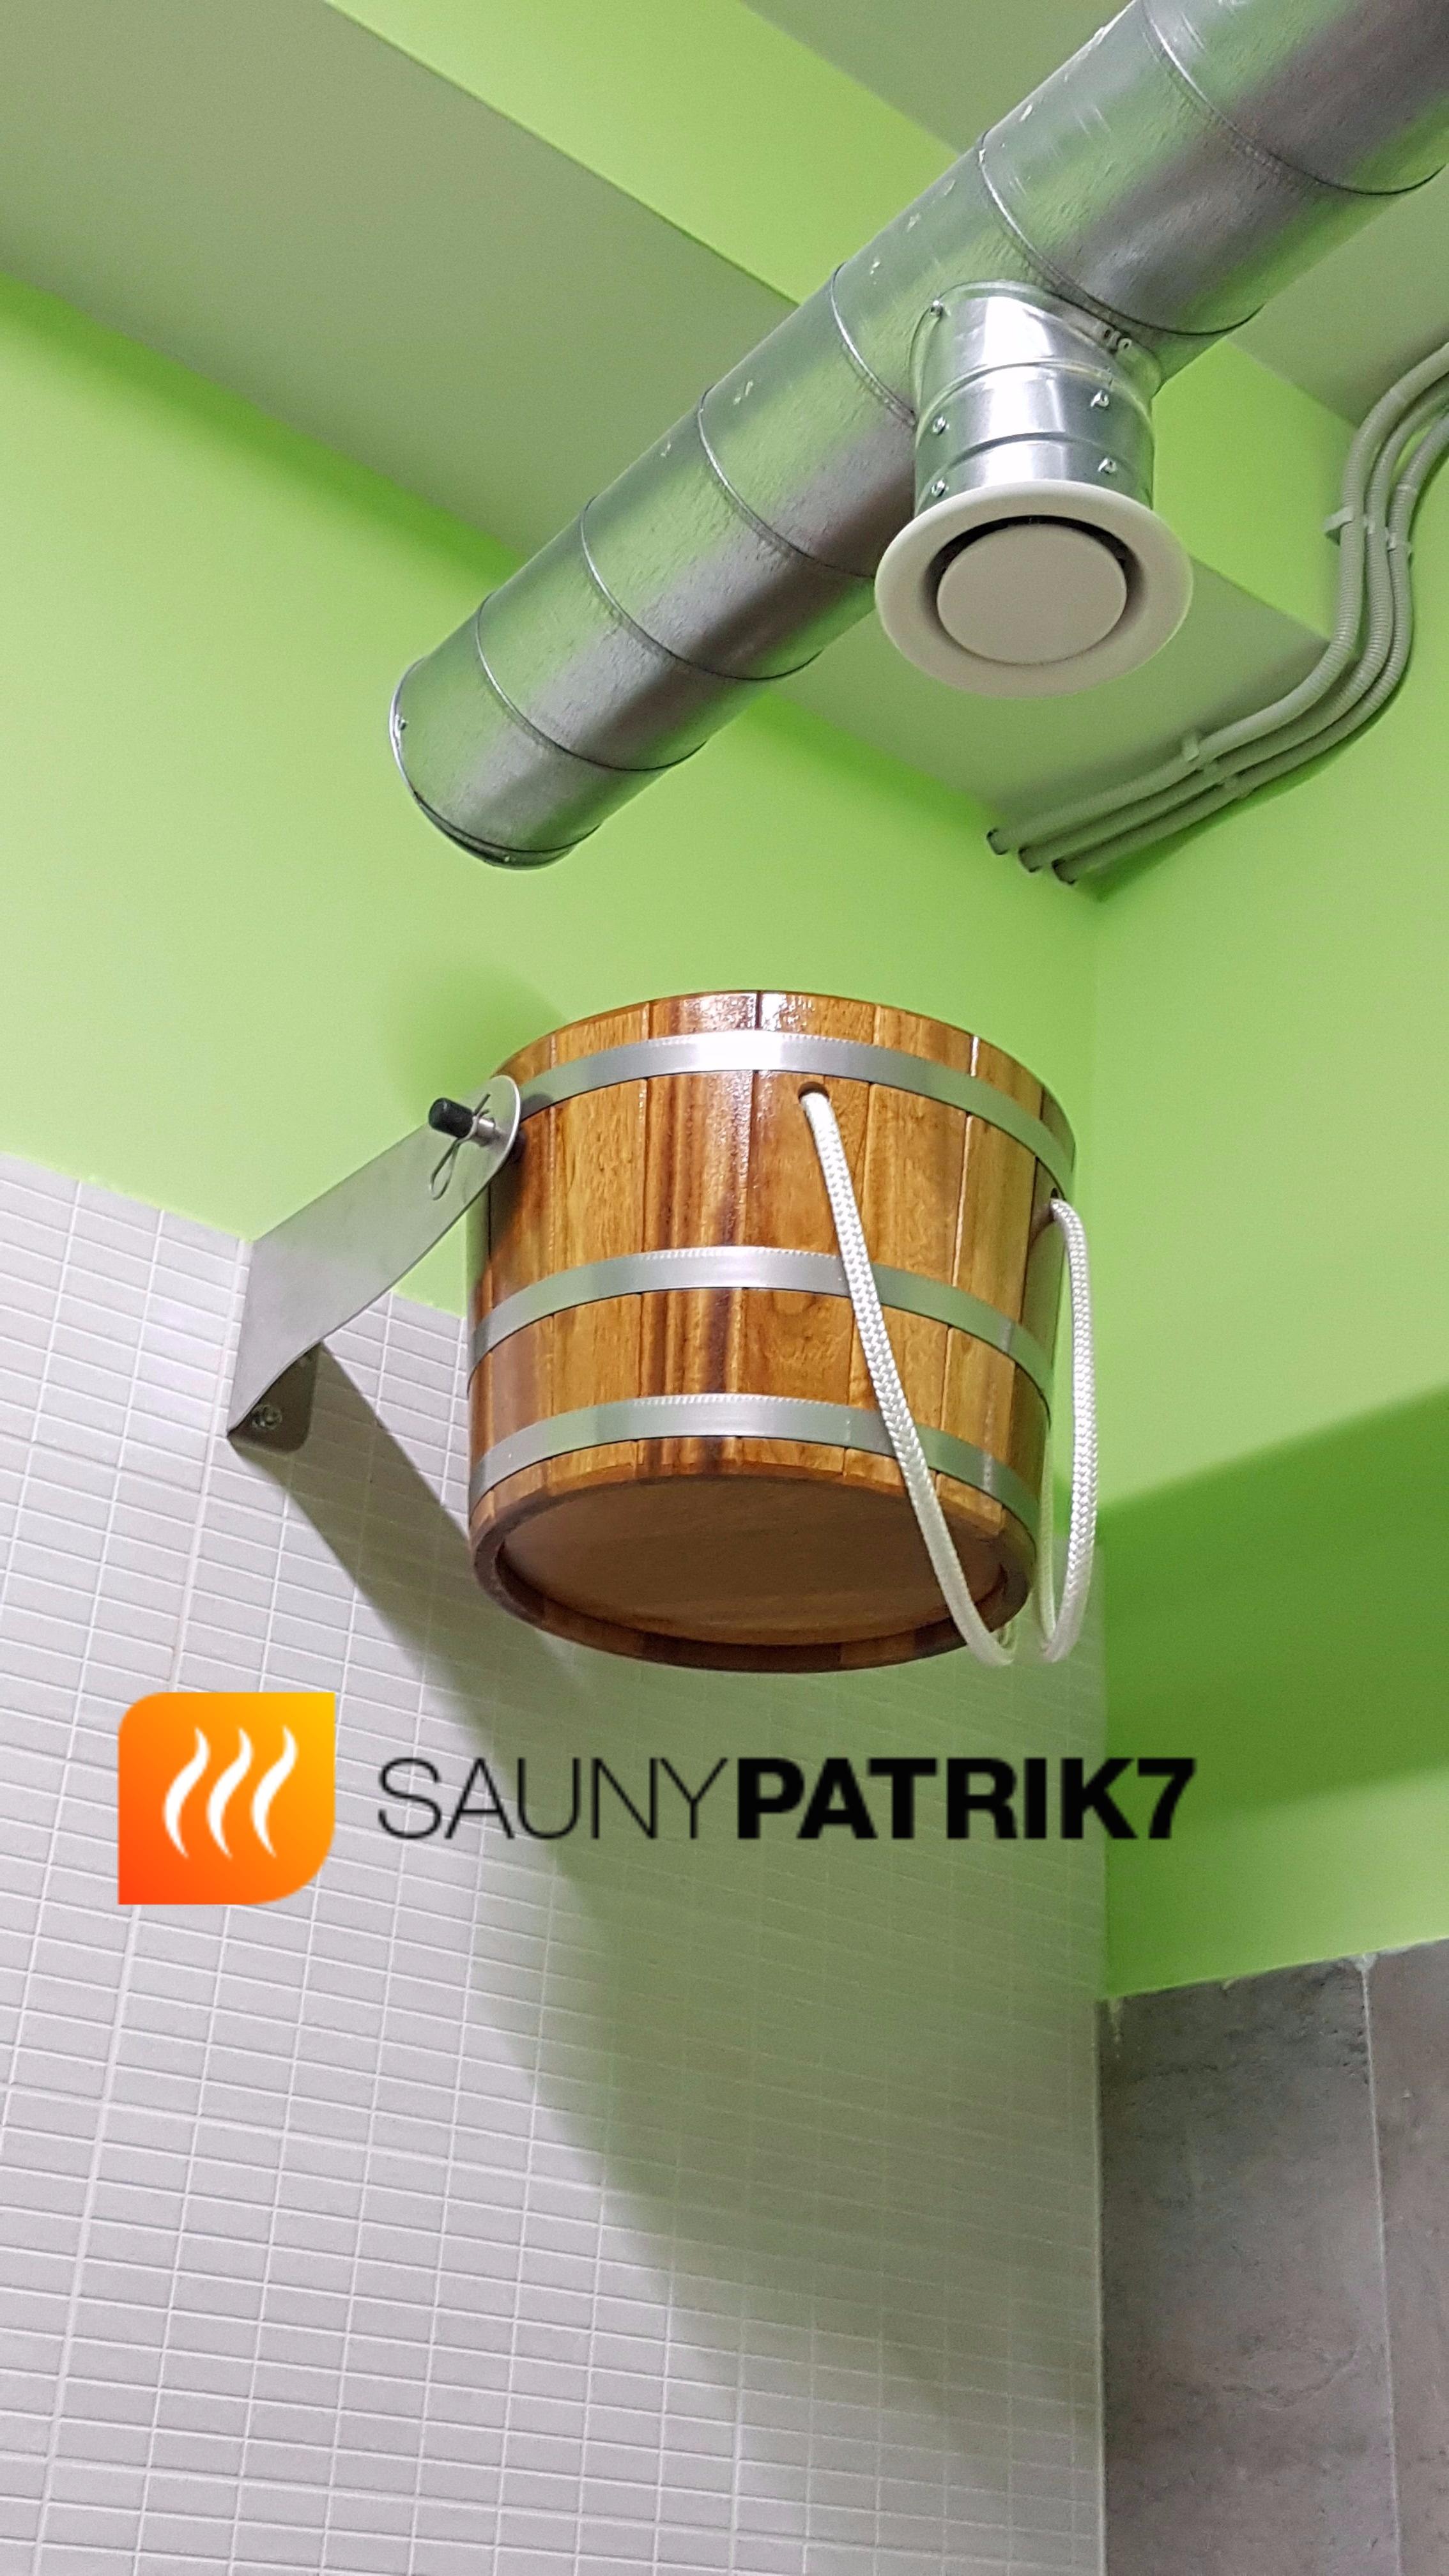 Sauny Patrik 7 - vedro